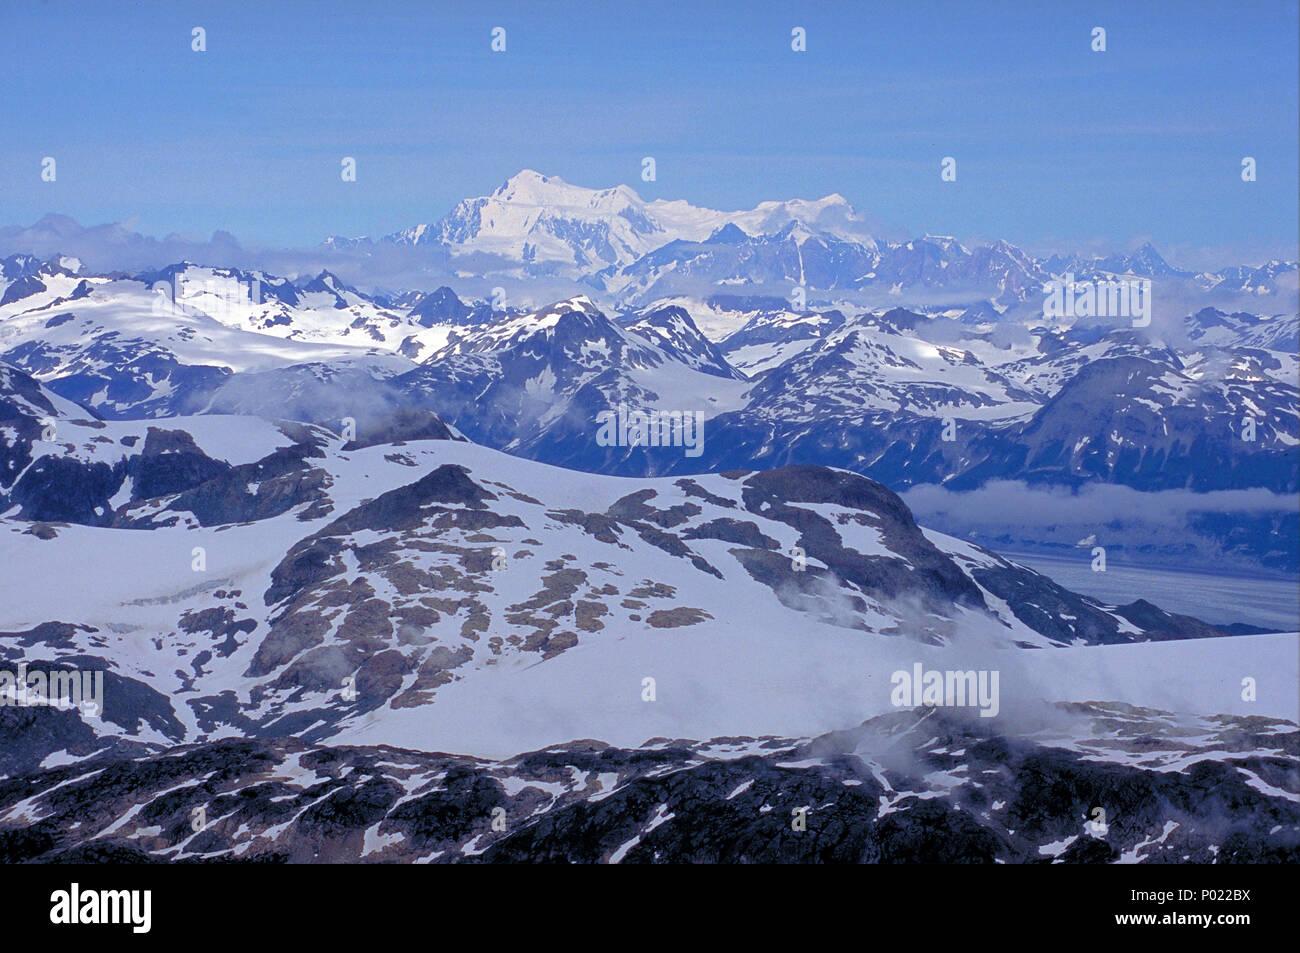 El Yukón, Landschaften verschneite Berge, grandioso, Yukon, Canada | grandes paisajes, montañas cubiertas de nieve, Cordillera de Alaska, Yukon, Canadá Imagen De Stock